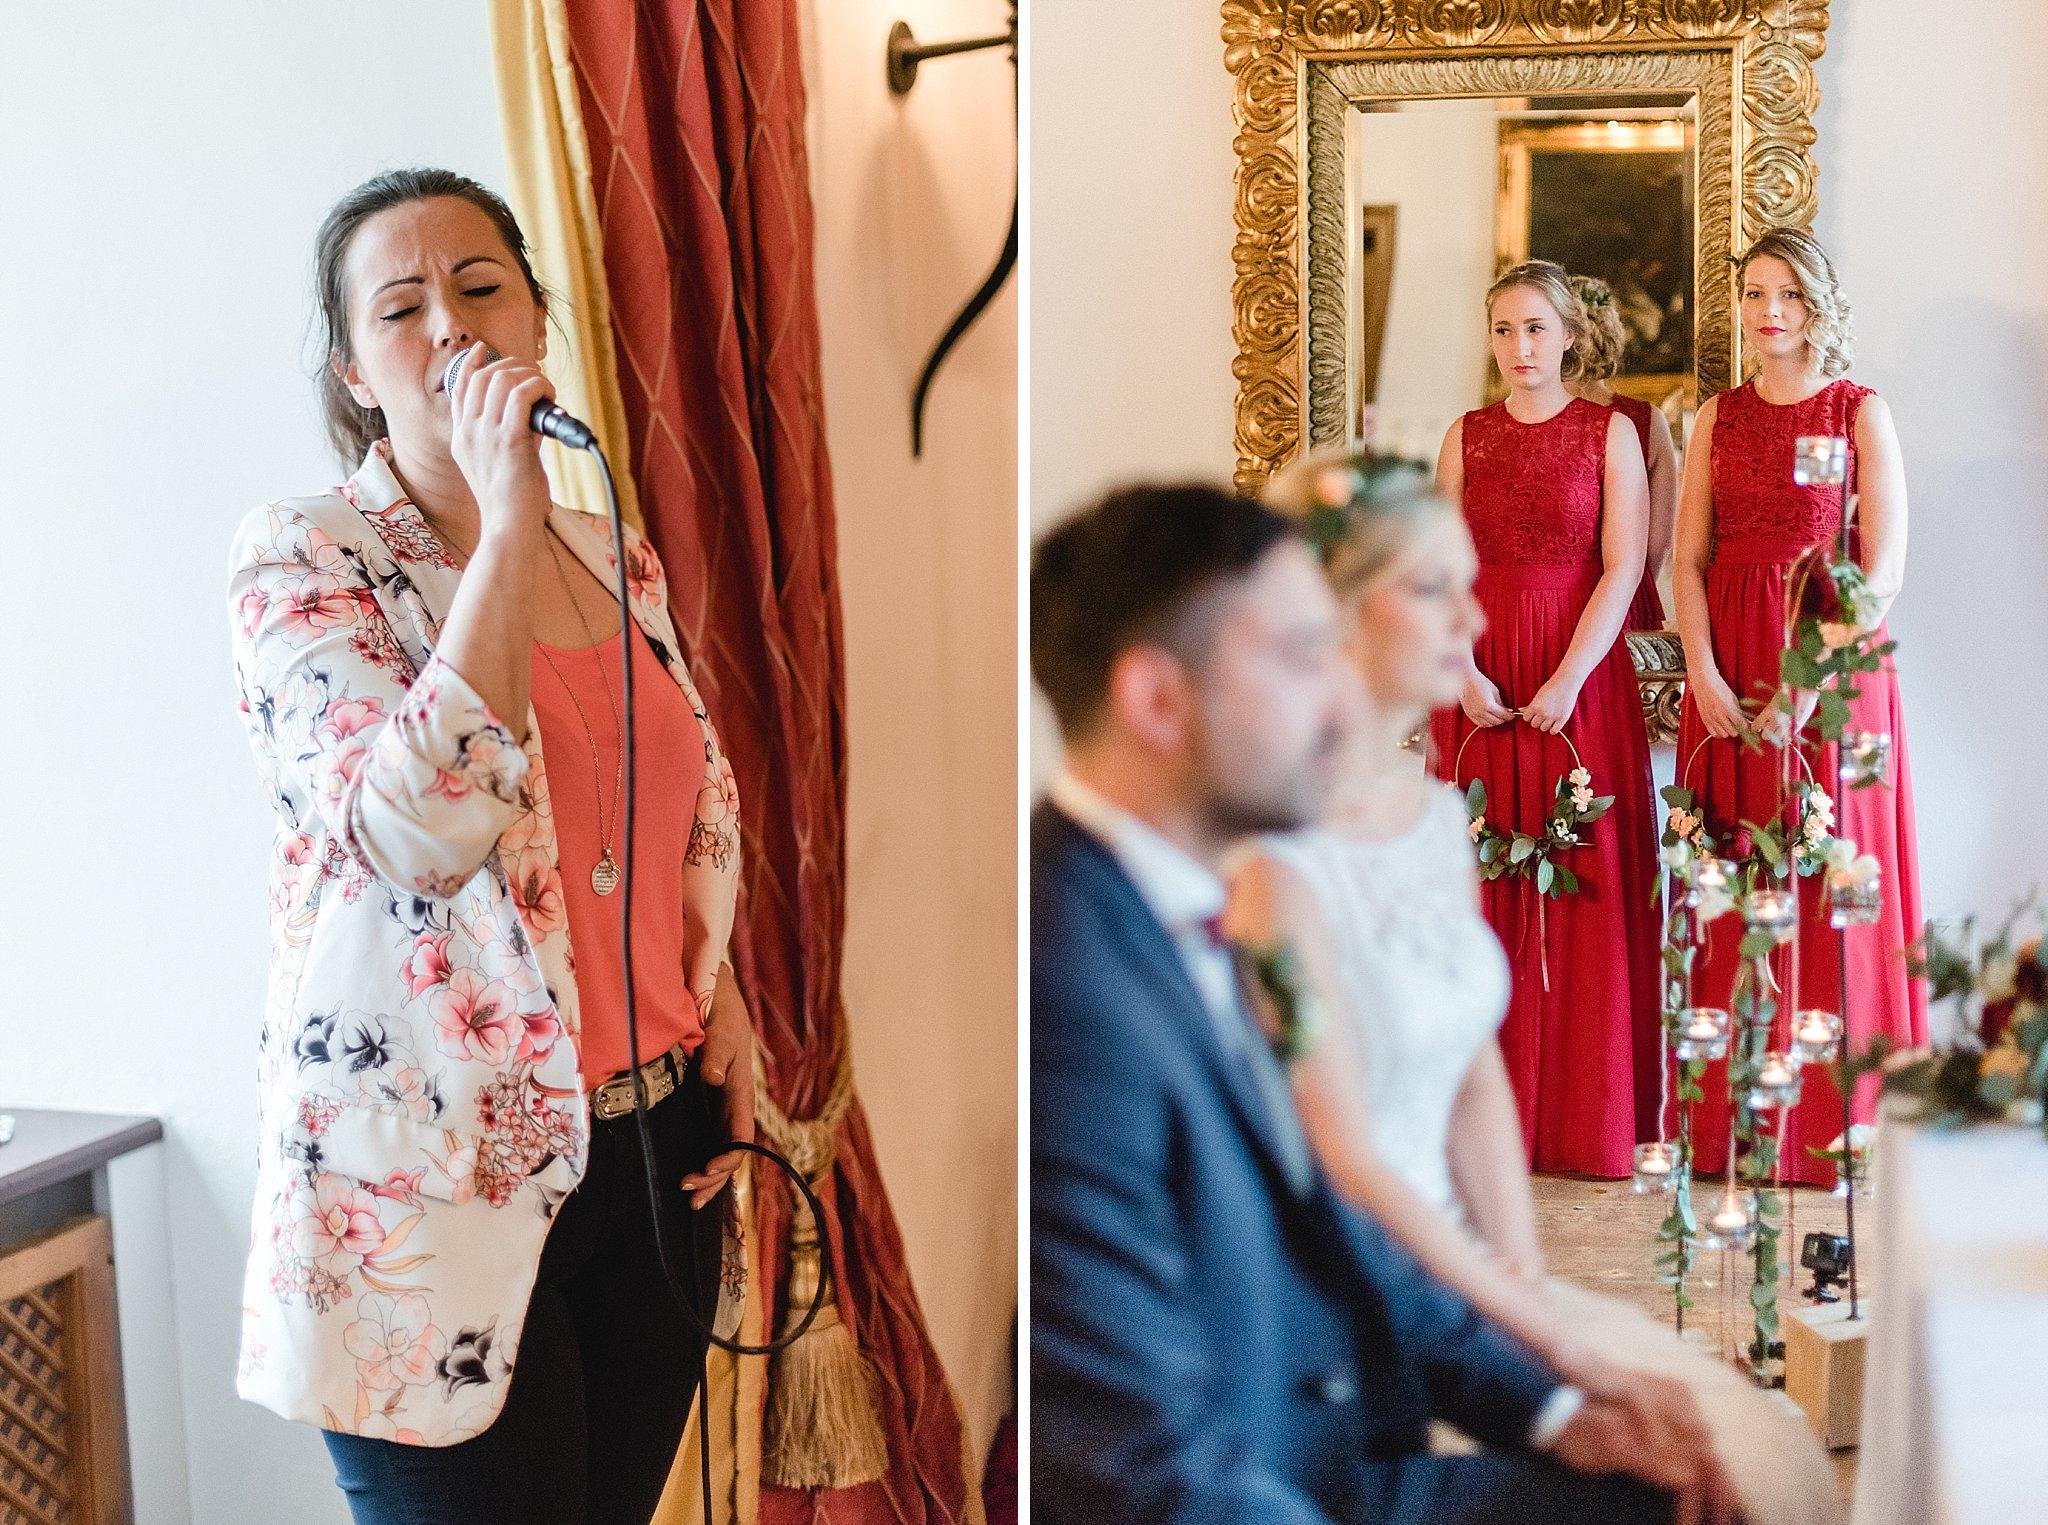 Hochzeit-von-Marina-Dominik-auf-Burg-Wernberg-und-Schloss-Friedrichsburg-00127